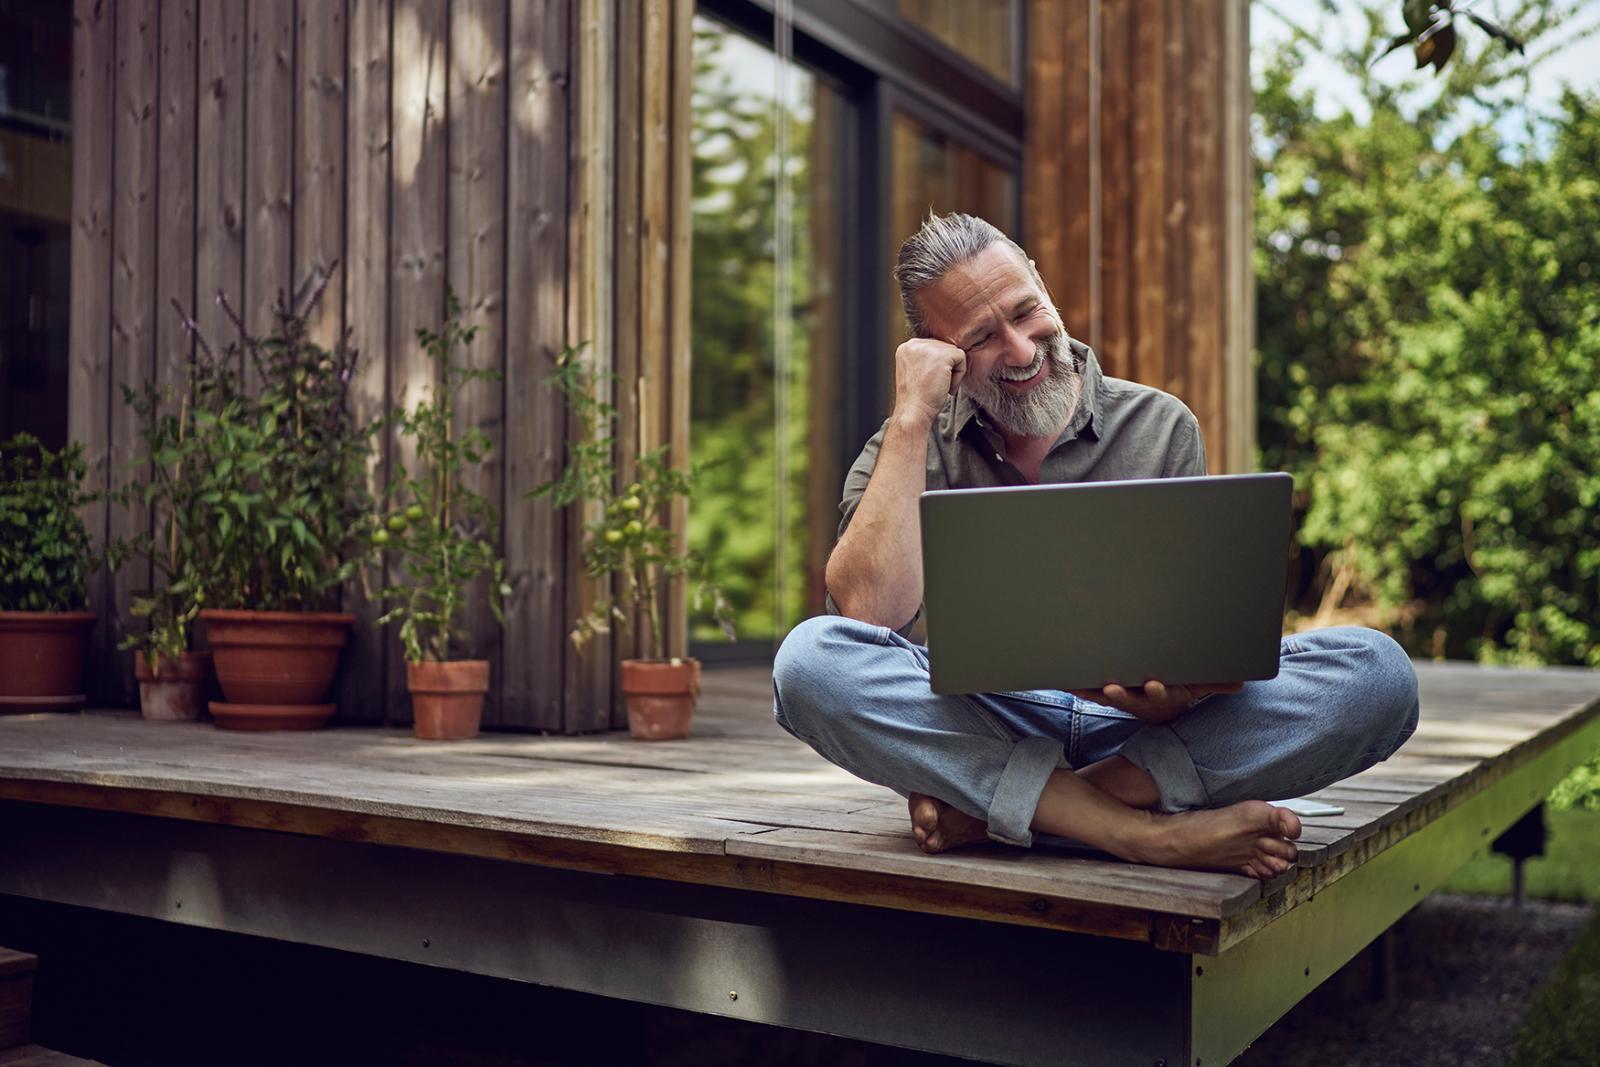 Mann mit Bart sitzt barfuß auf einer Veranda vor Holzhaus Laptop auf dem Schoß